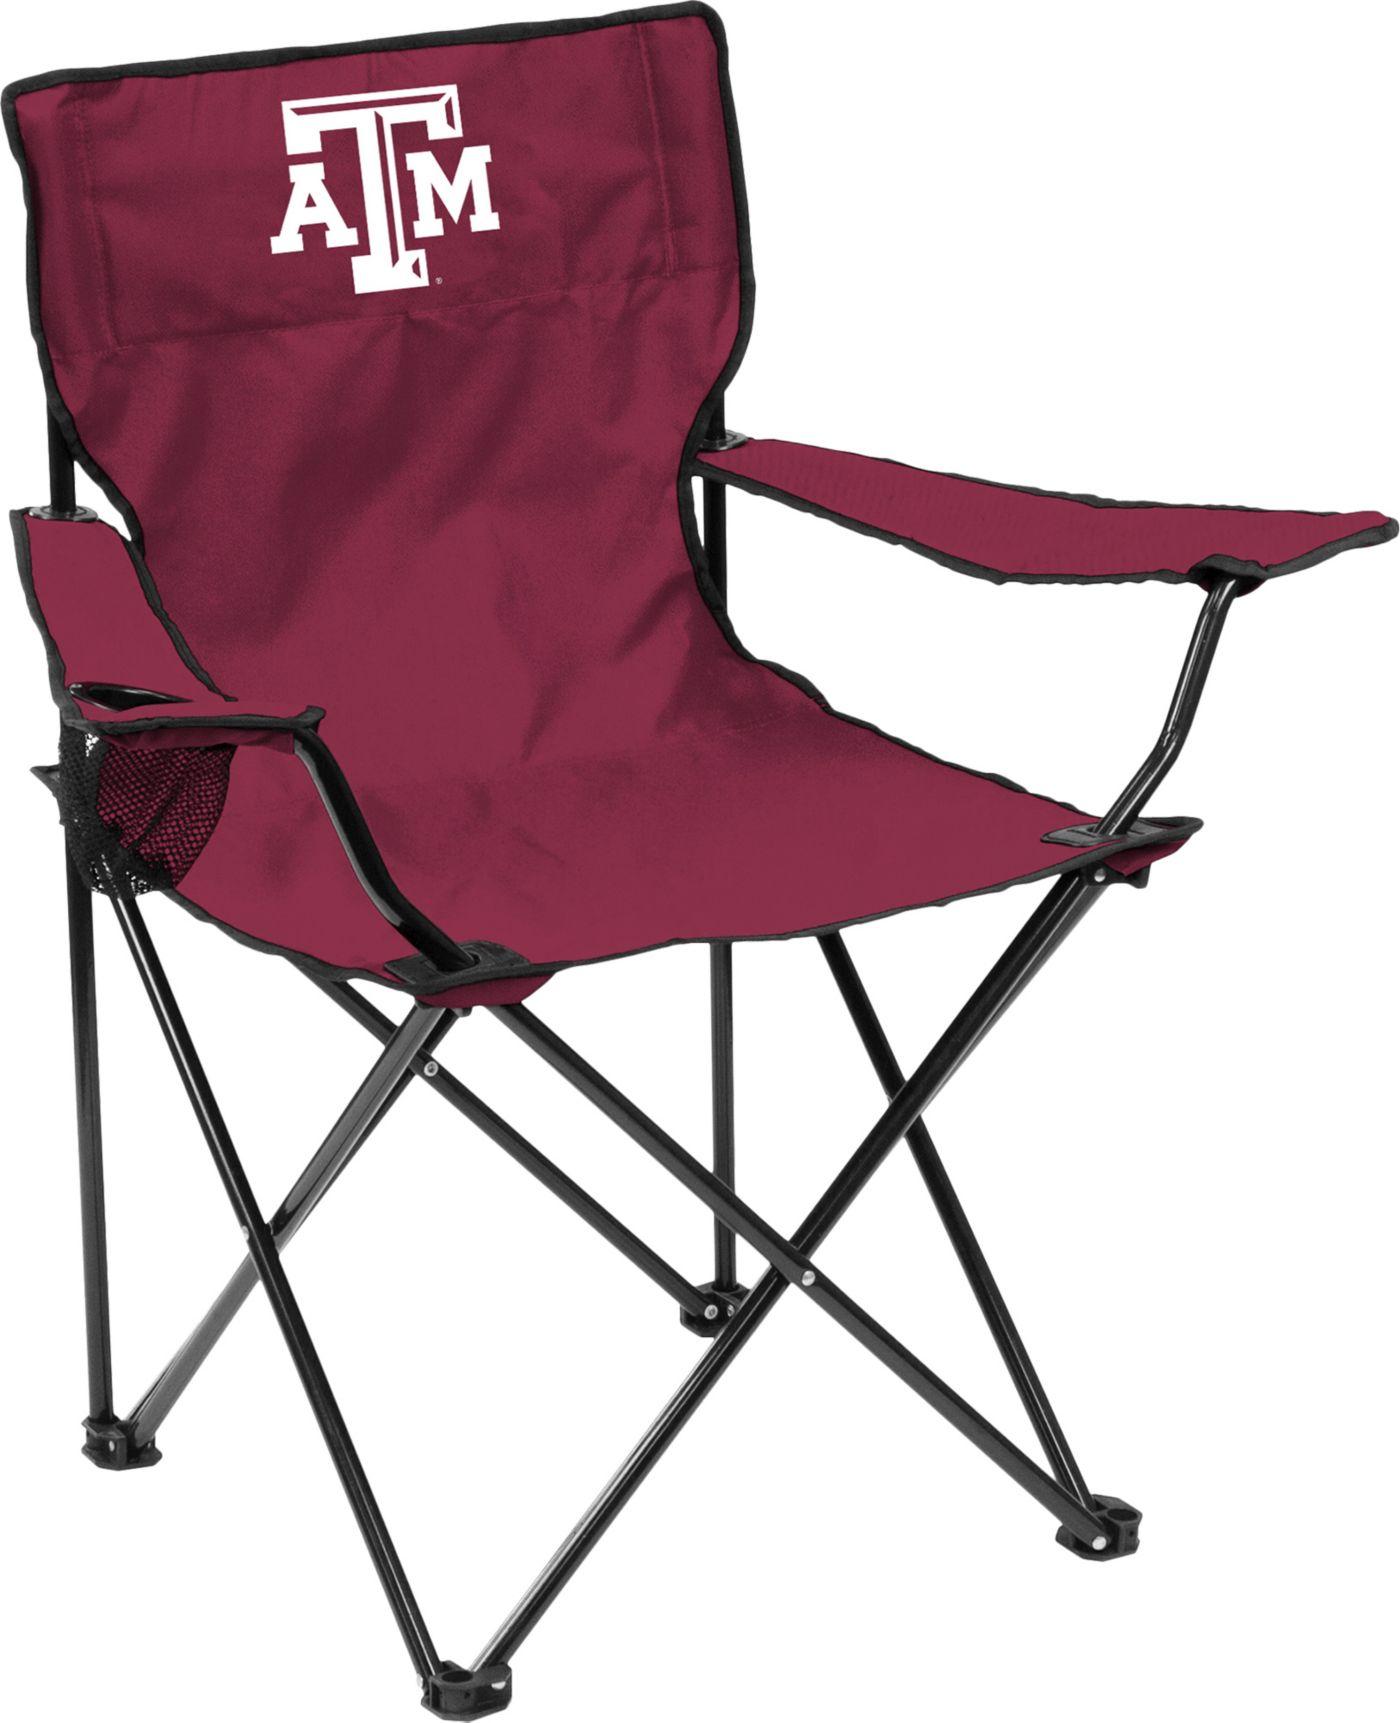 Texas A&M Aggies Team-Colored Canvas Chair